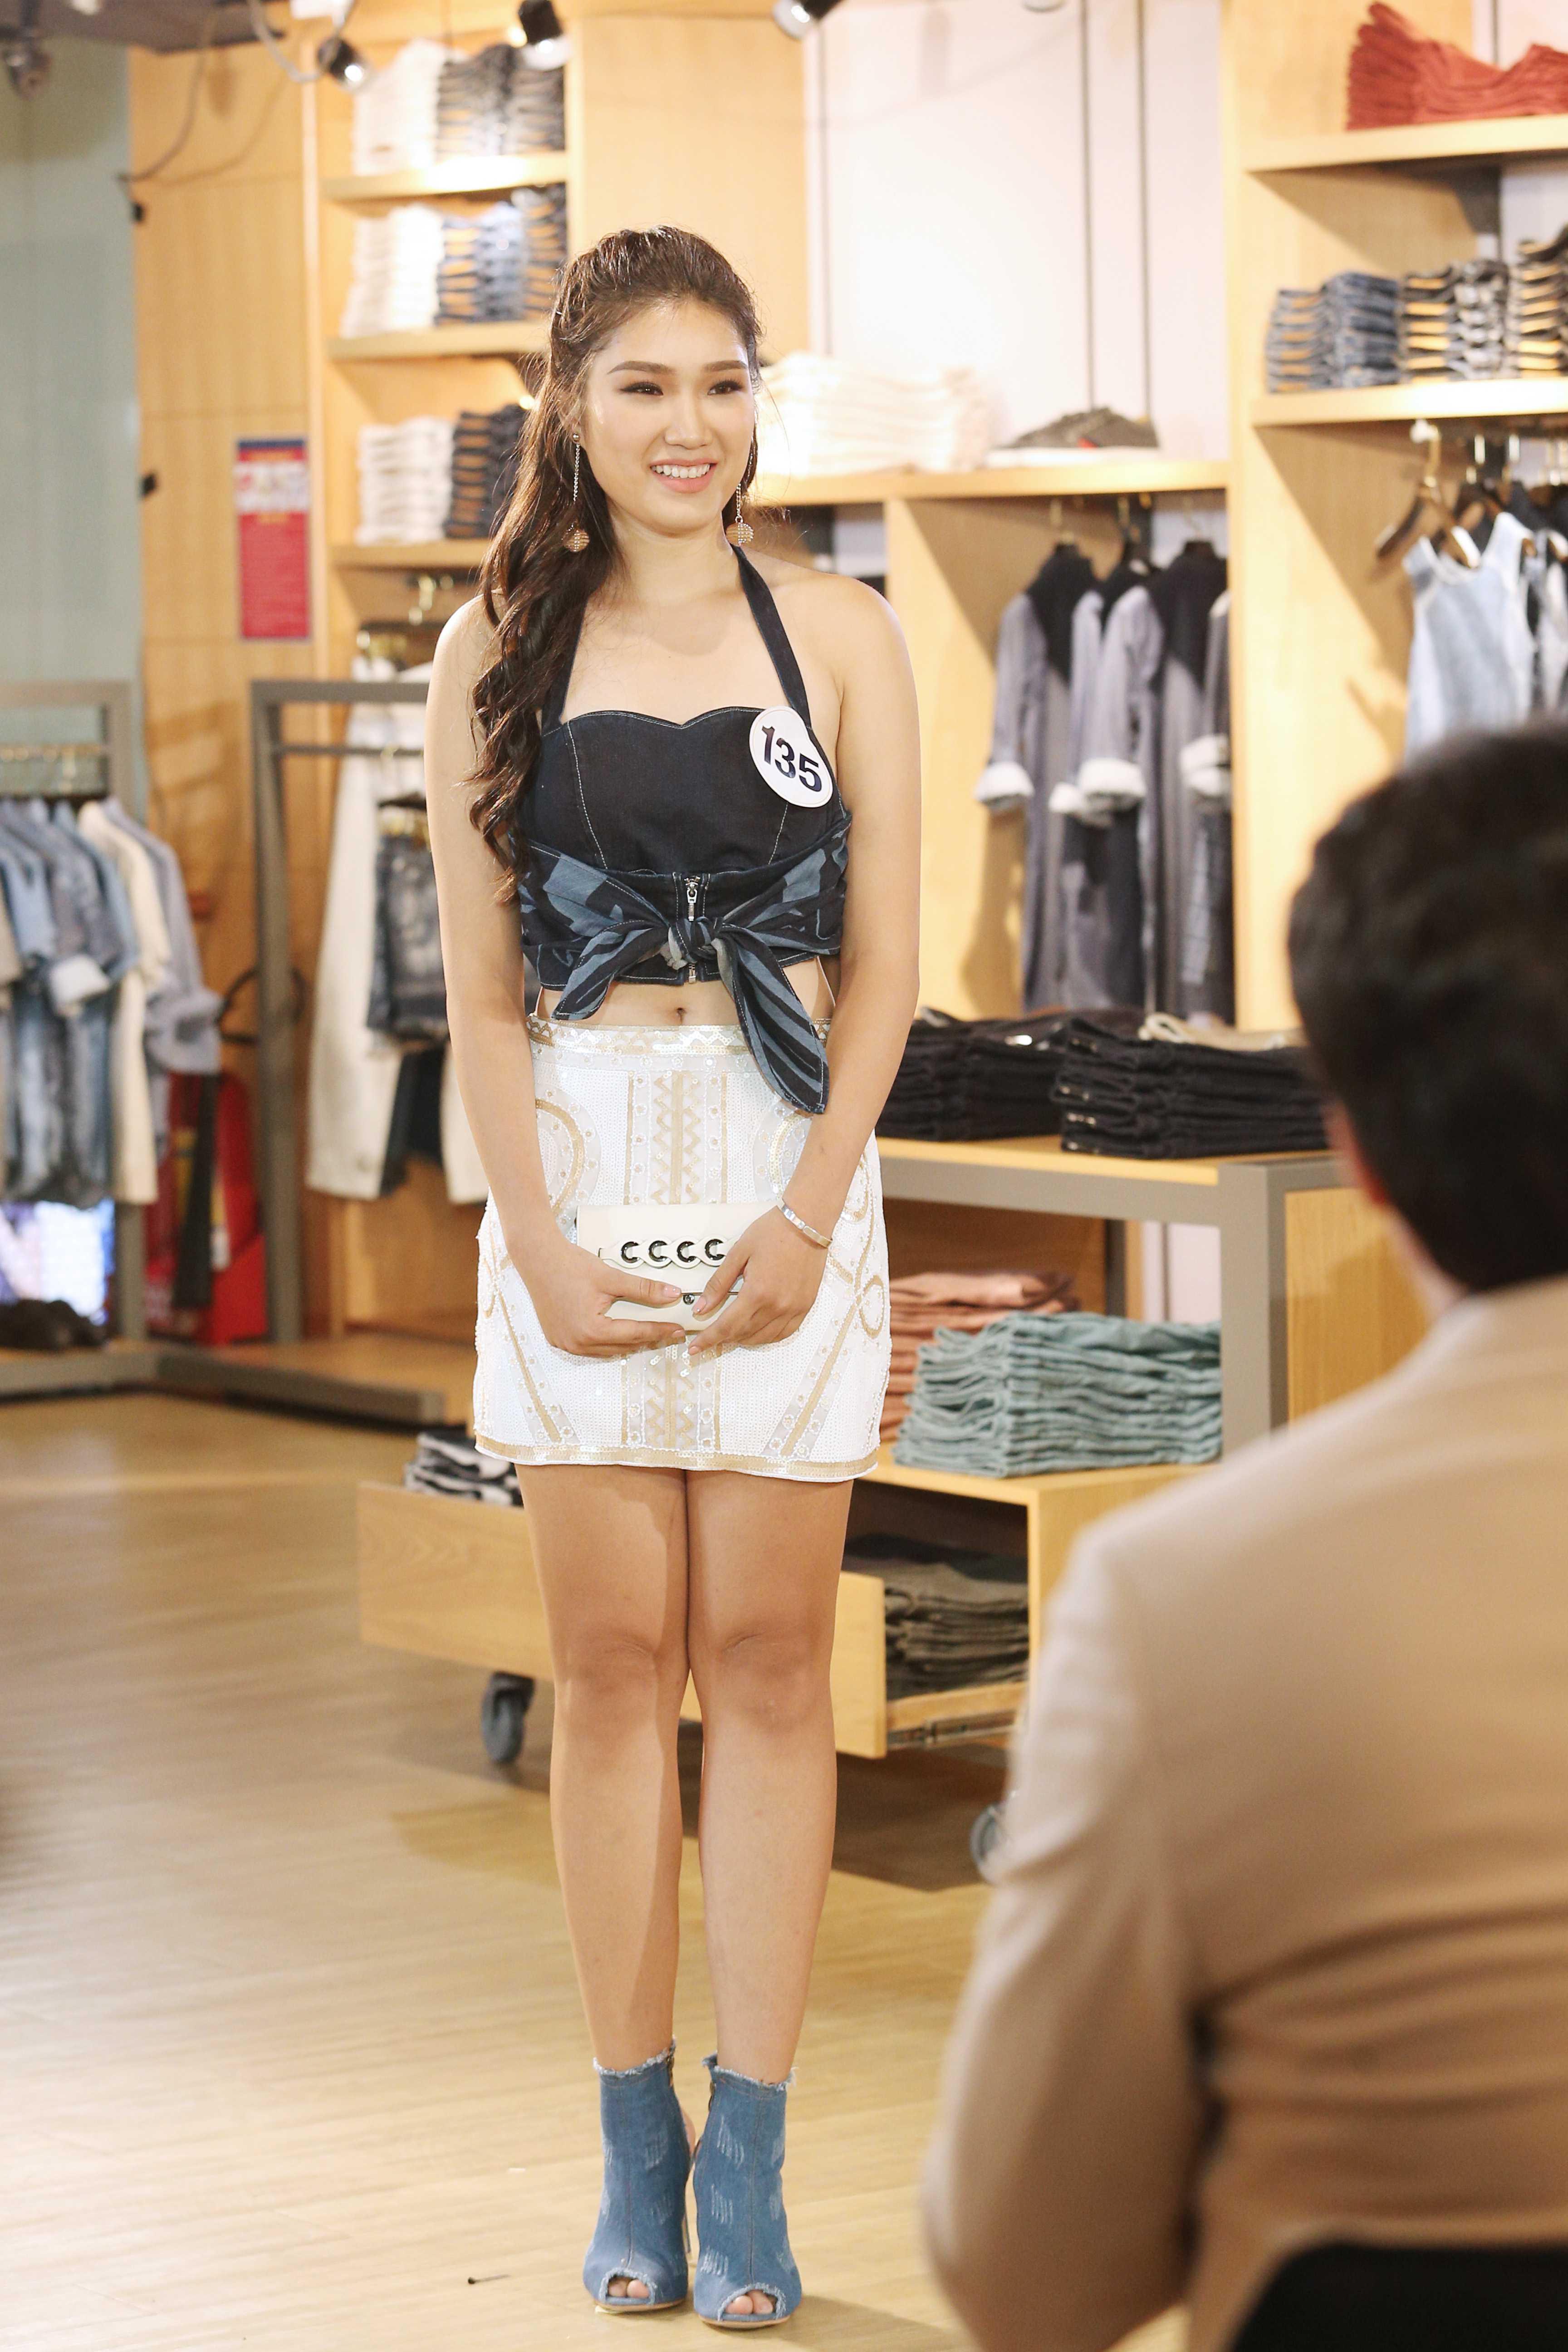 Mix đồ tai nạn thế này thì bảo sao cả dàn thí sinh Hoa hậu Hoàn vũ thua Mâu Thủy - Hoàng Thùy - Ảnh 7.